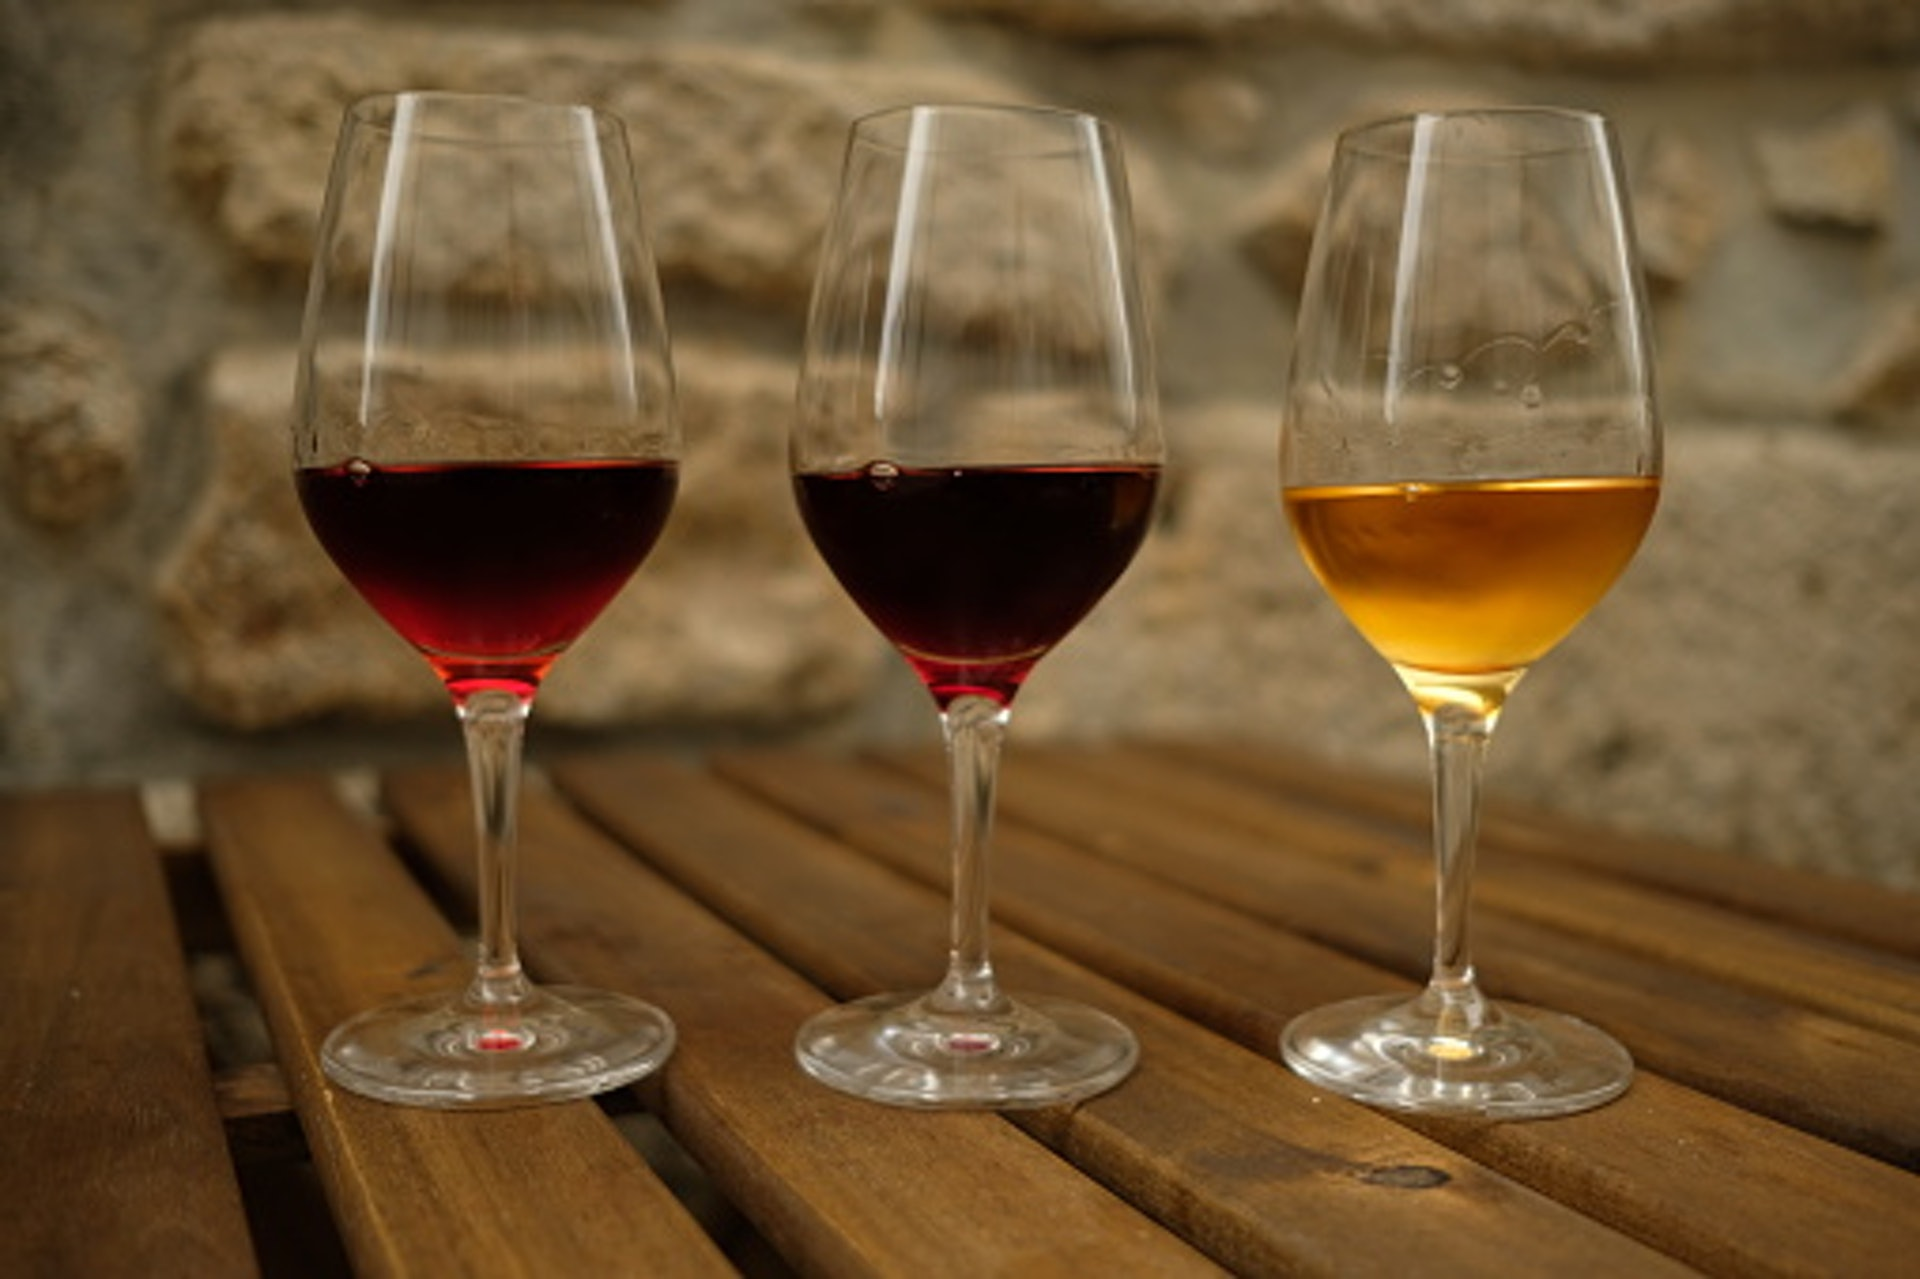 波特酒 (砵酒,PORT WINE) (Gettyimages/視覺中國)